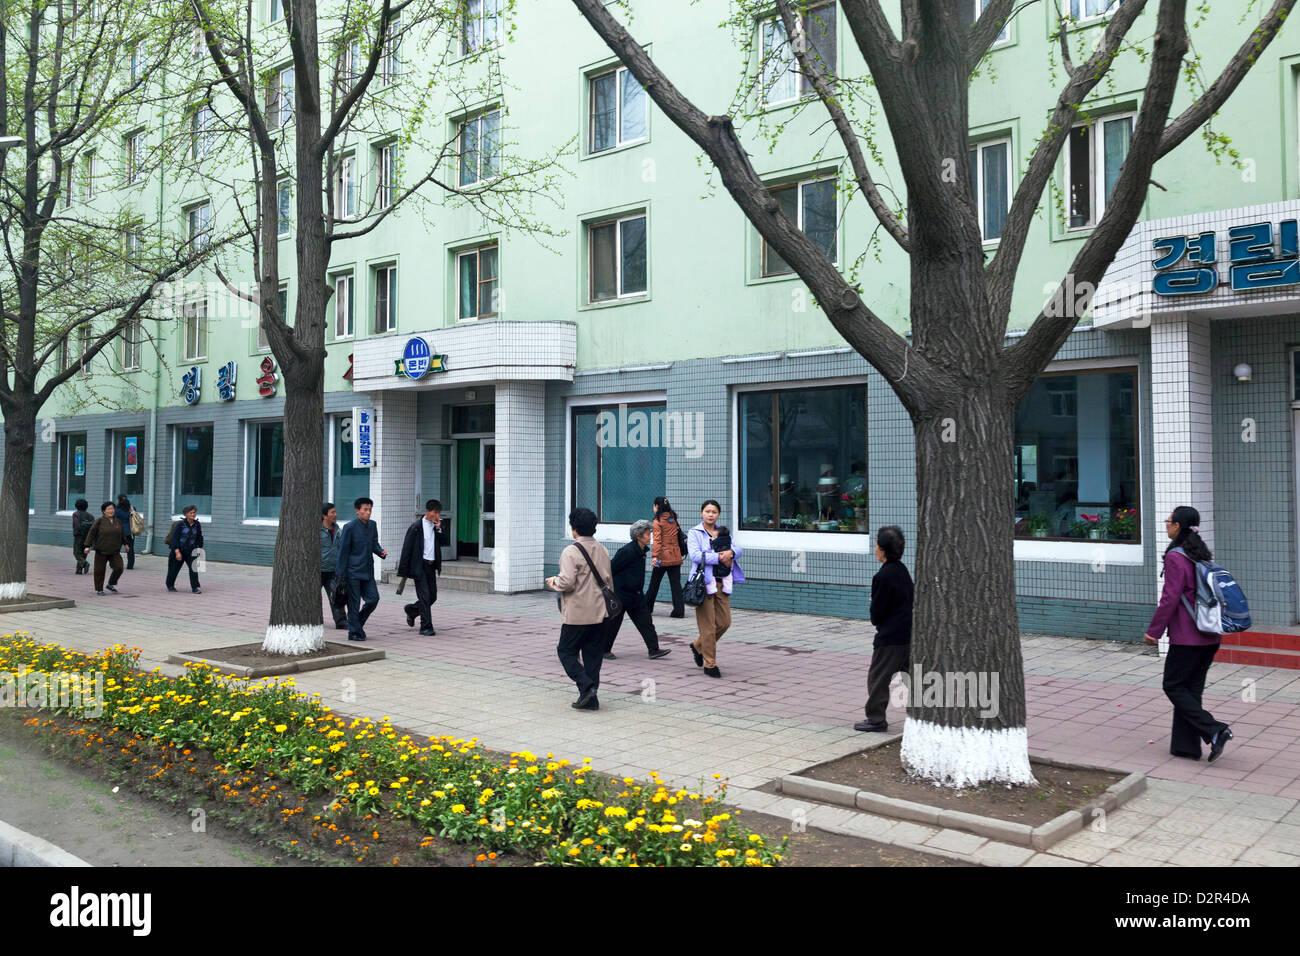 Typische Straßenszene, Pyongyang, Demokratische Volksrepublik Korea (DVRK), Nordkorea, Asien Stockbild